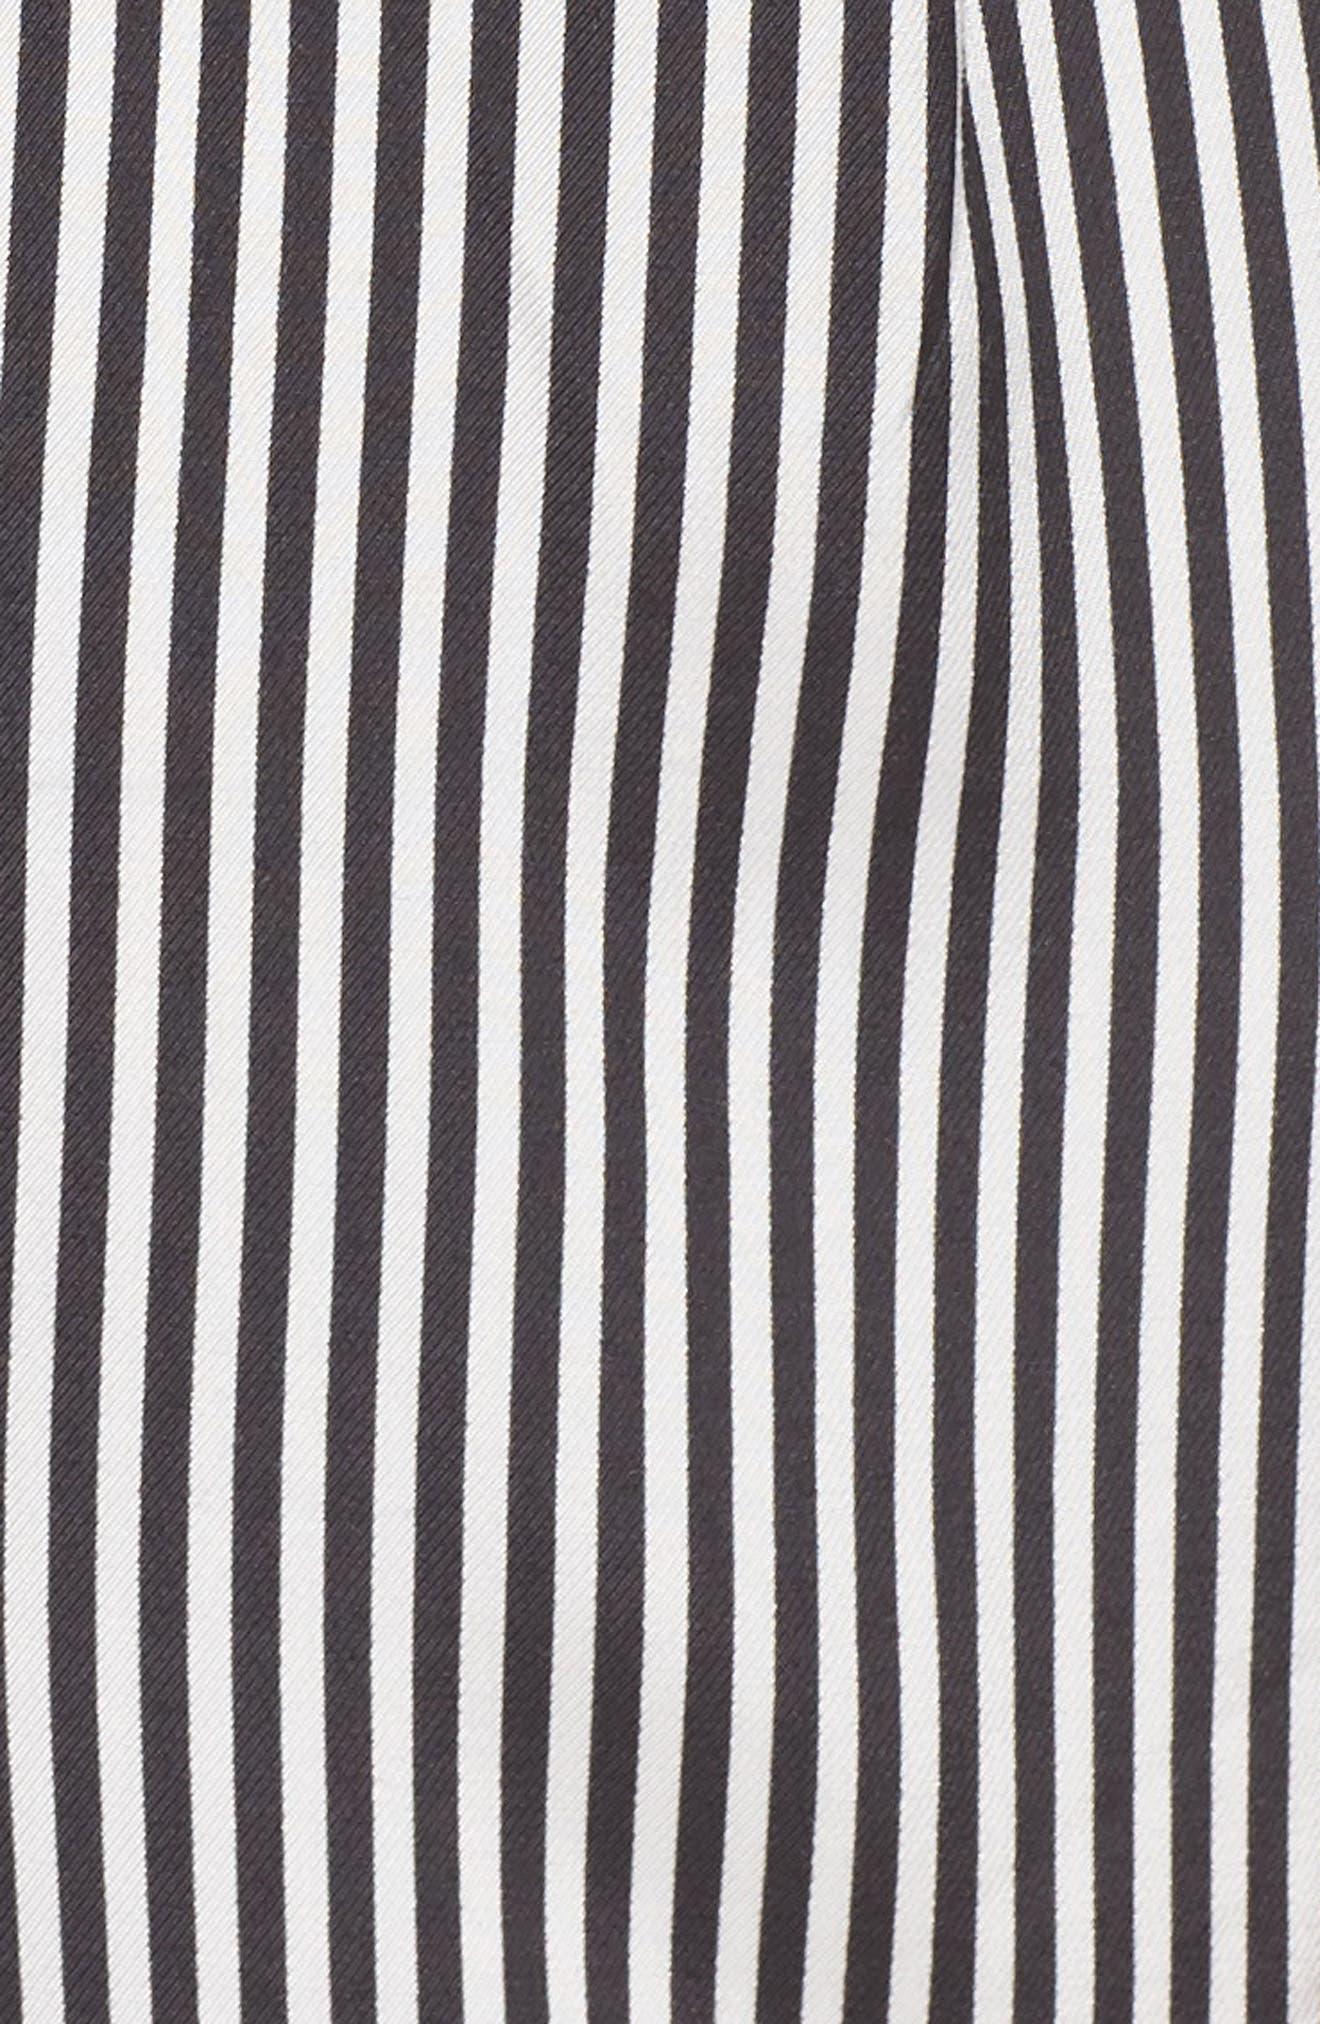 ALI & JAY, Retro Stripe Jumpsuit, Alternate thumbnail 6, color, BLACK/ WHITE